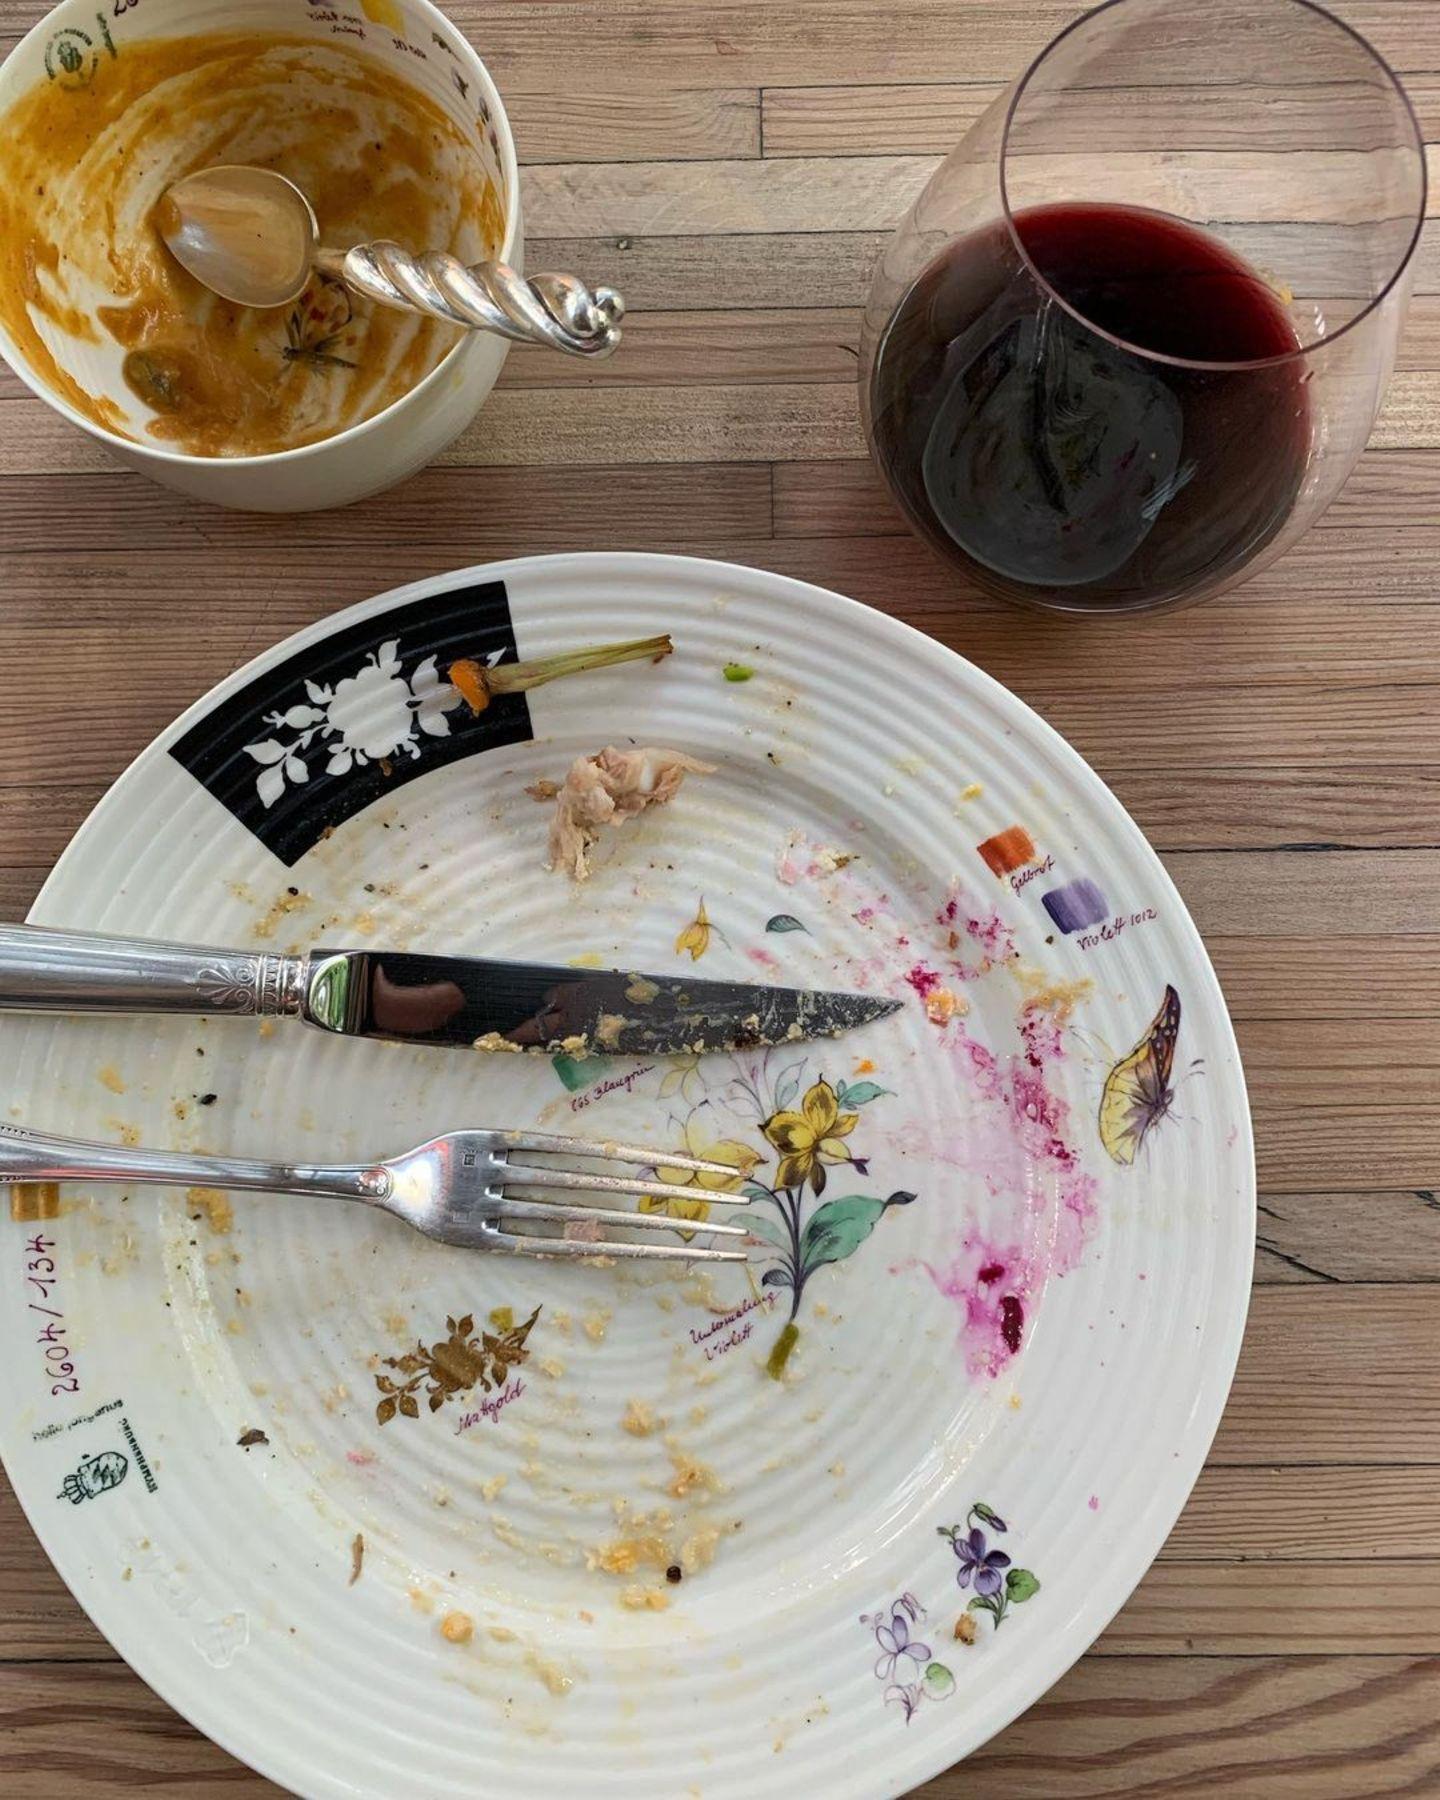 Der Rest vom Fest: Charlize Theron hat das Festessen schon verputzt und zeigt den Fans nur noch ihren leeren Teller.